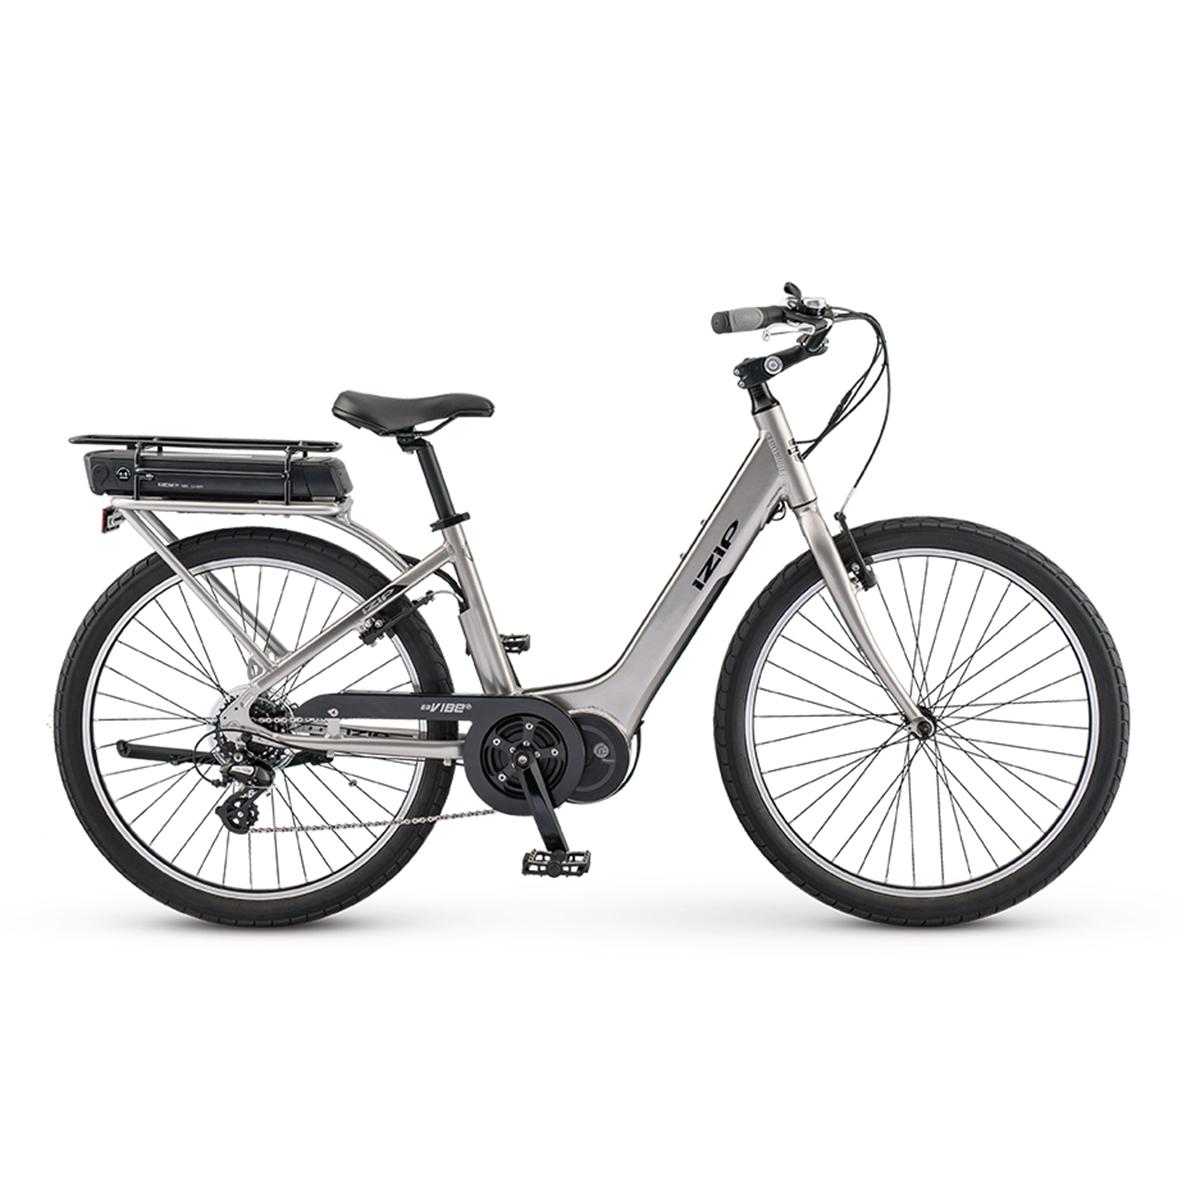 Izip E3 Vibe Bike